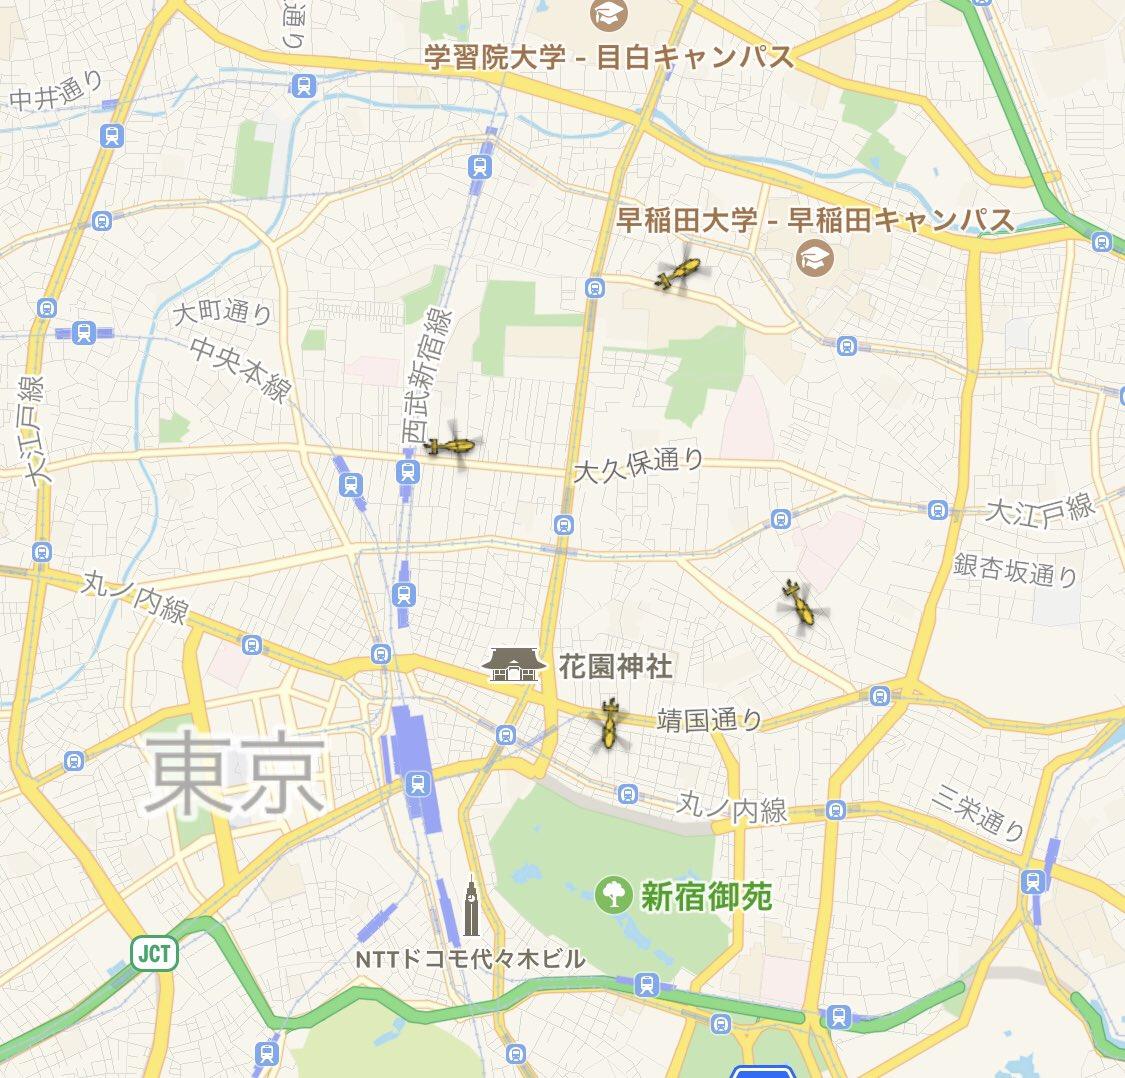 画像,歌舞伎町の事件かな? https://t.co/BGSR05RMGM。